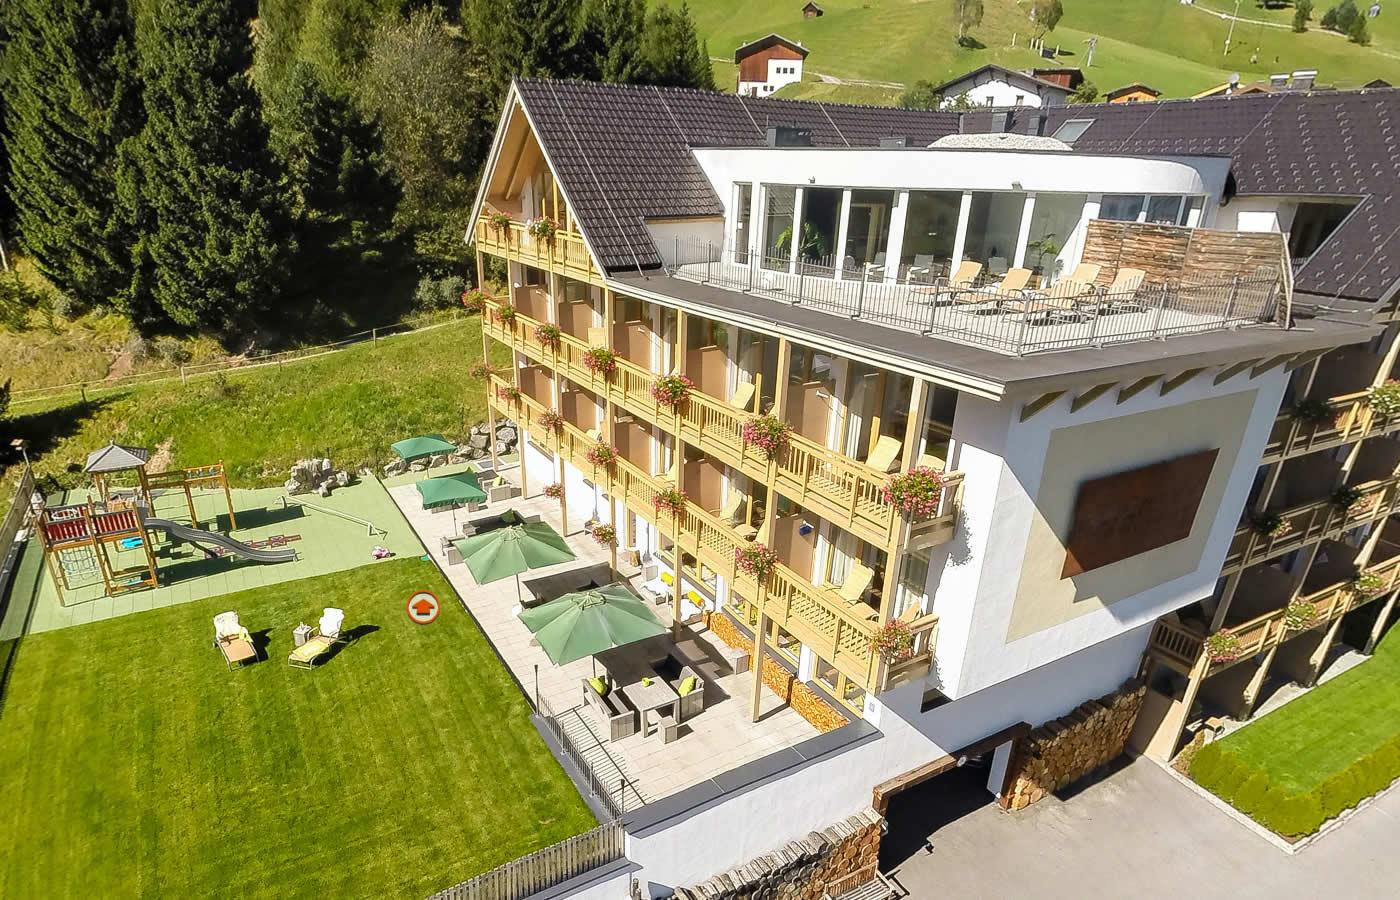 Spielplatz für Kinder und Familien. Hotel Natürlich - Tirol.